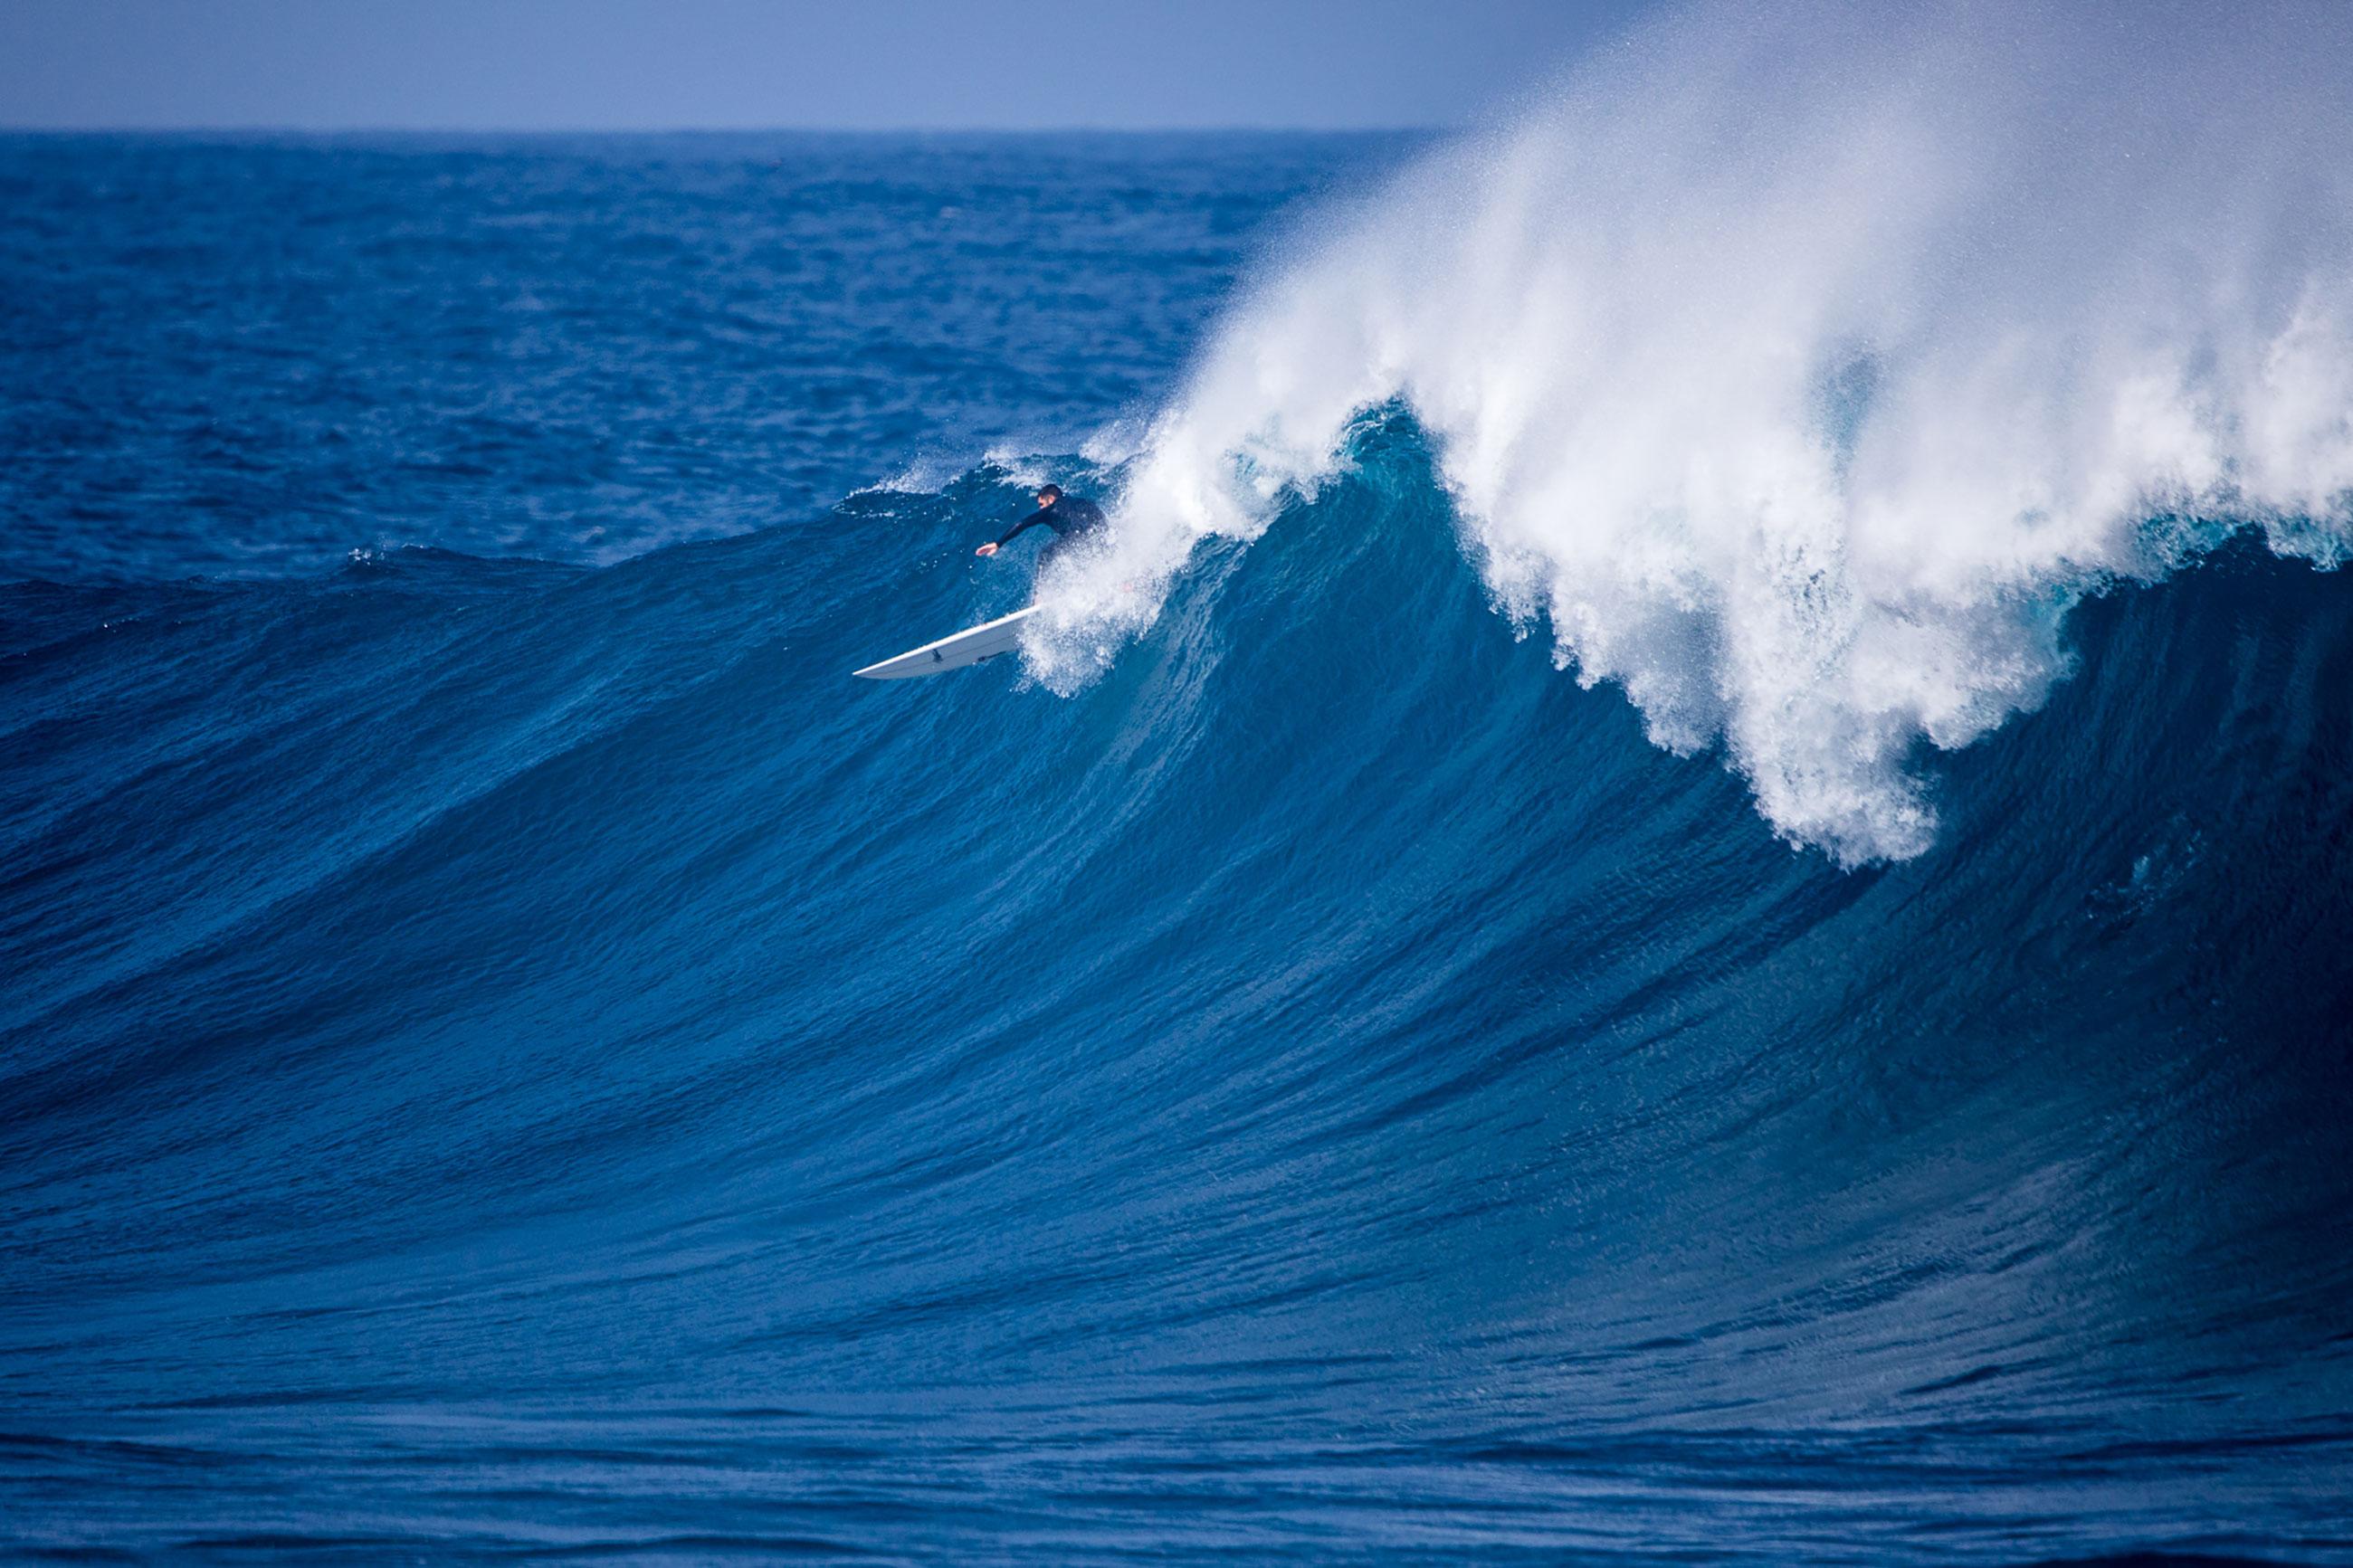 mar-gruesa-manuel-lezcano-lanzarote-foto-gines-diaz